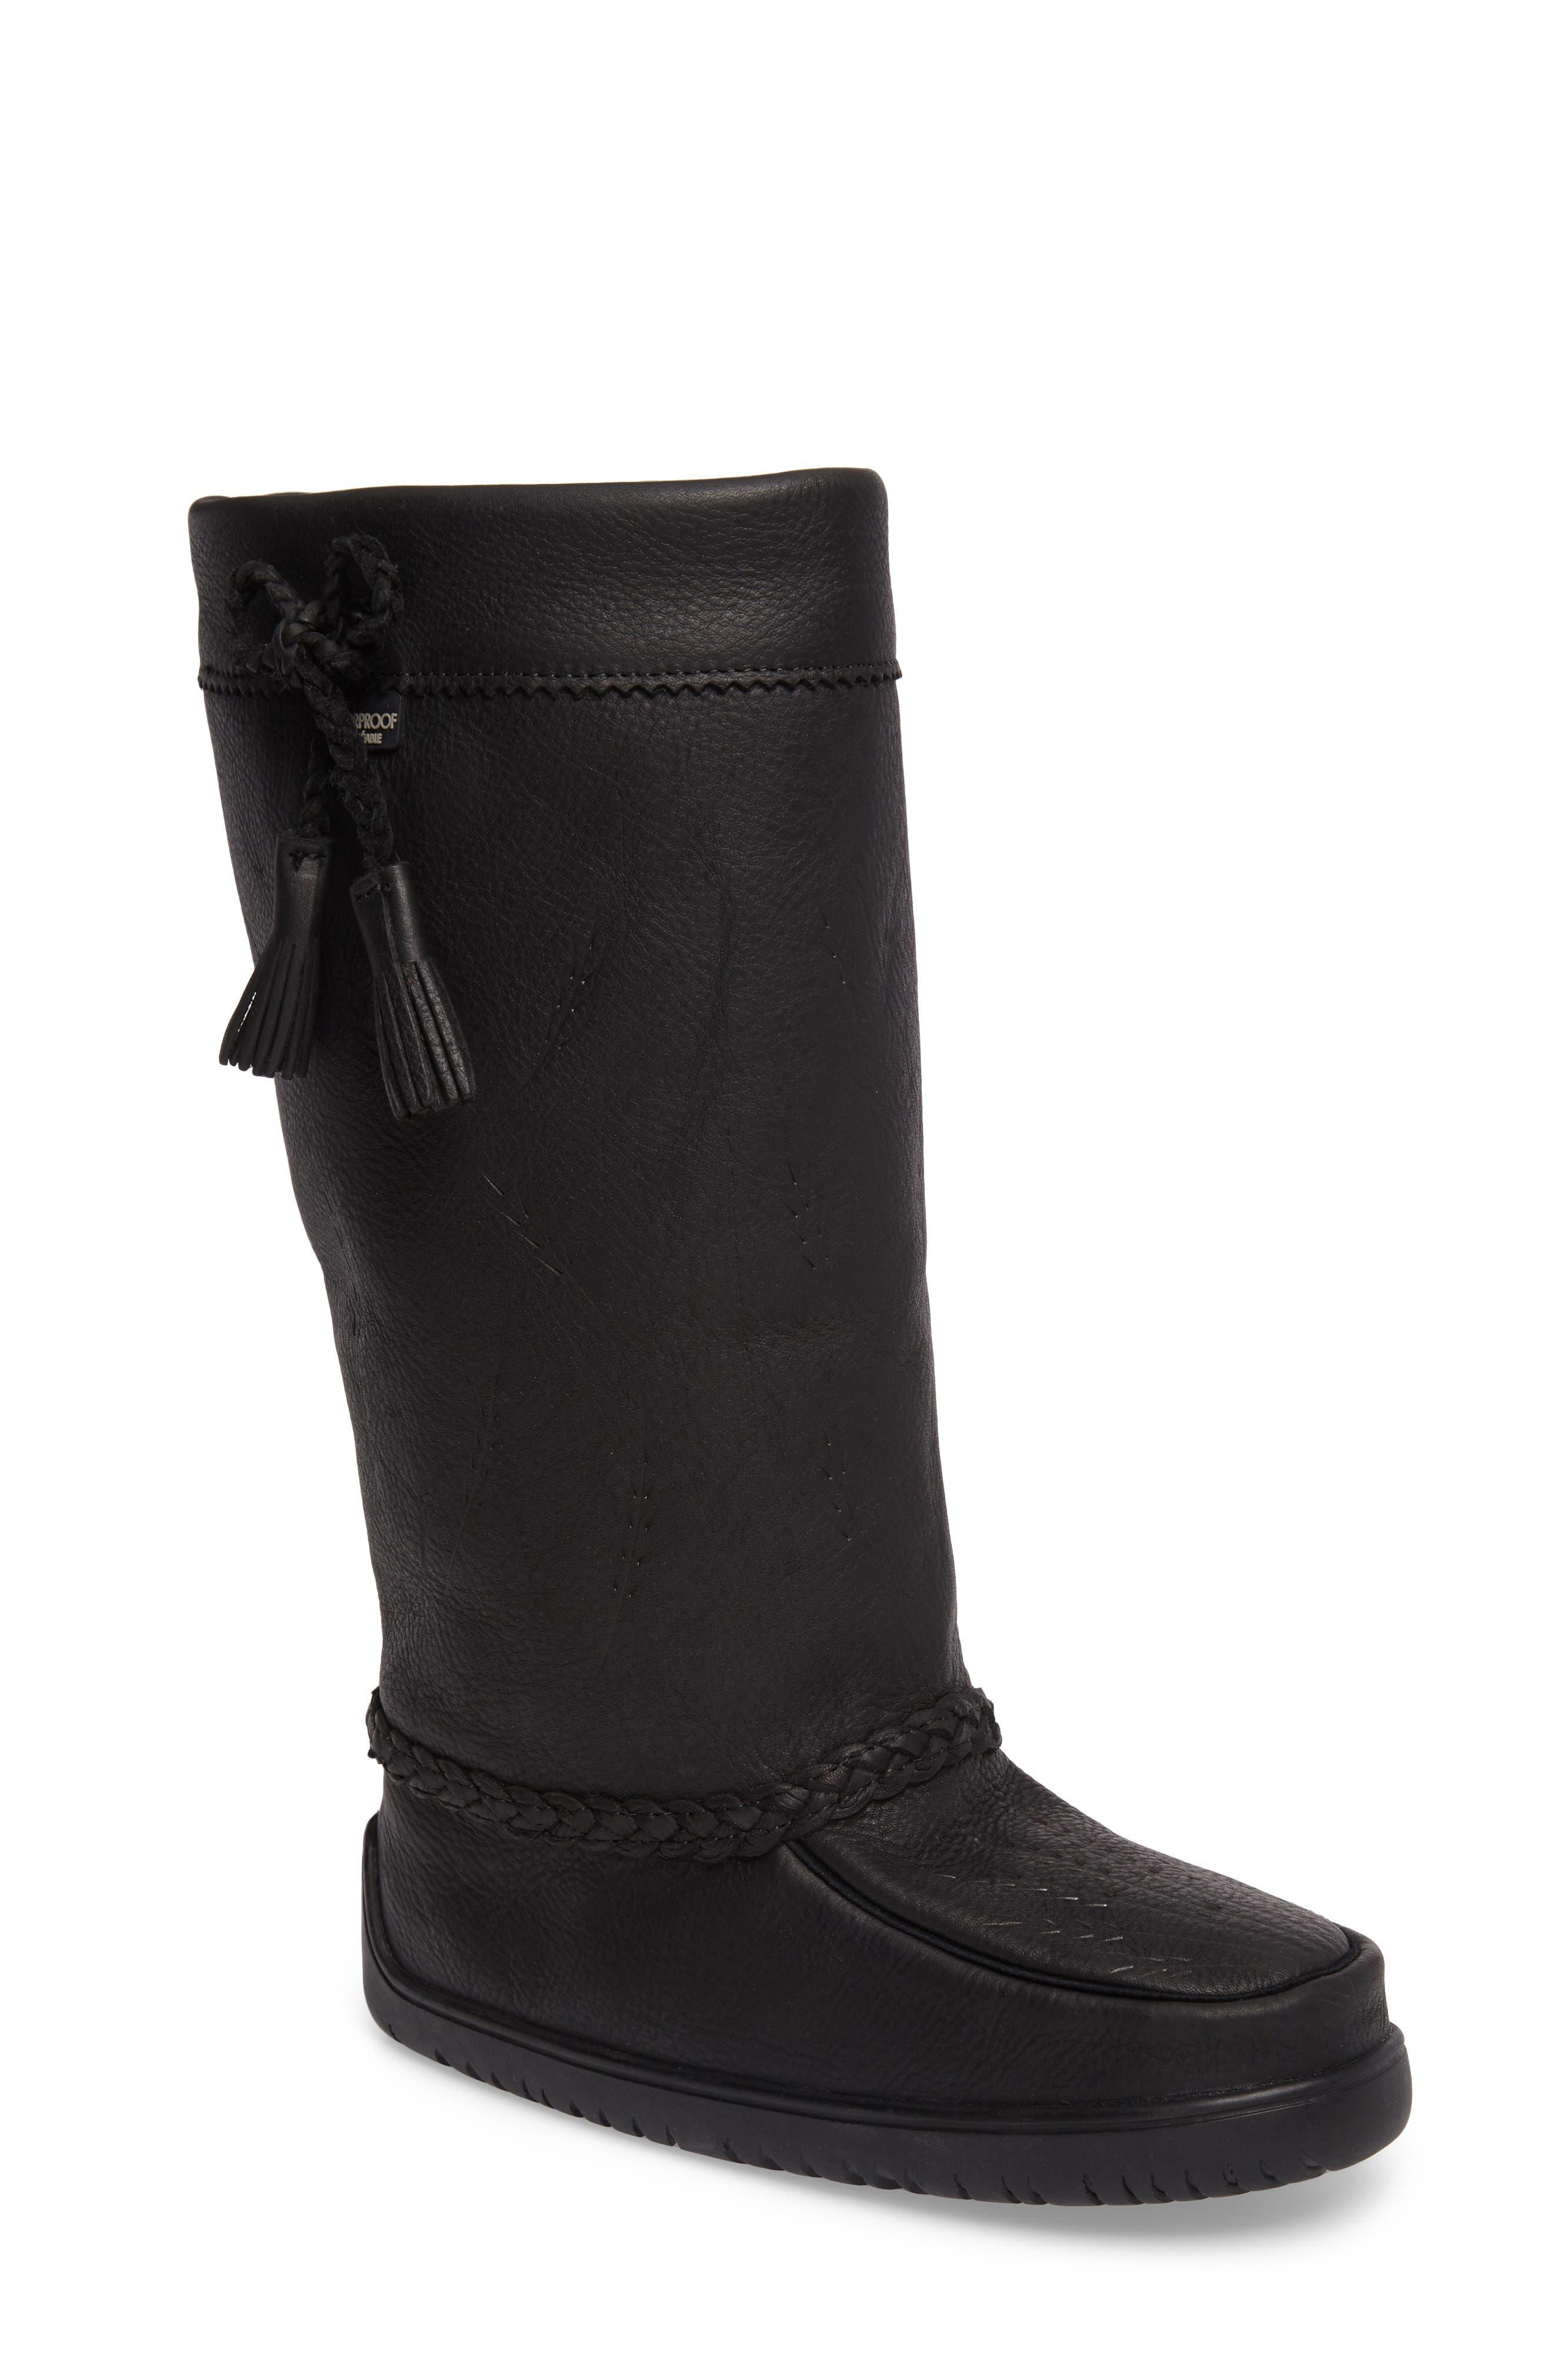 MANITOBAH MUKLUKS Tamarack Waterproof Genuine Shearling Boot, Main, color, 001